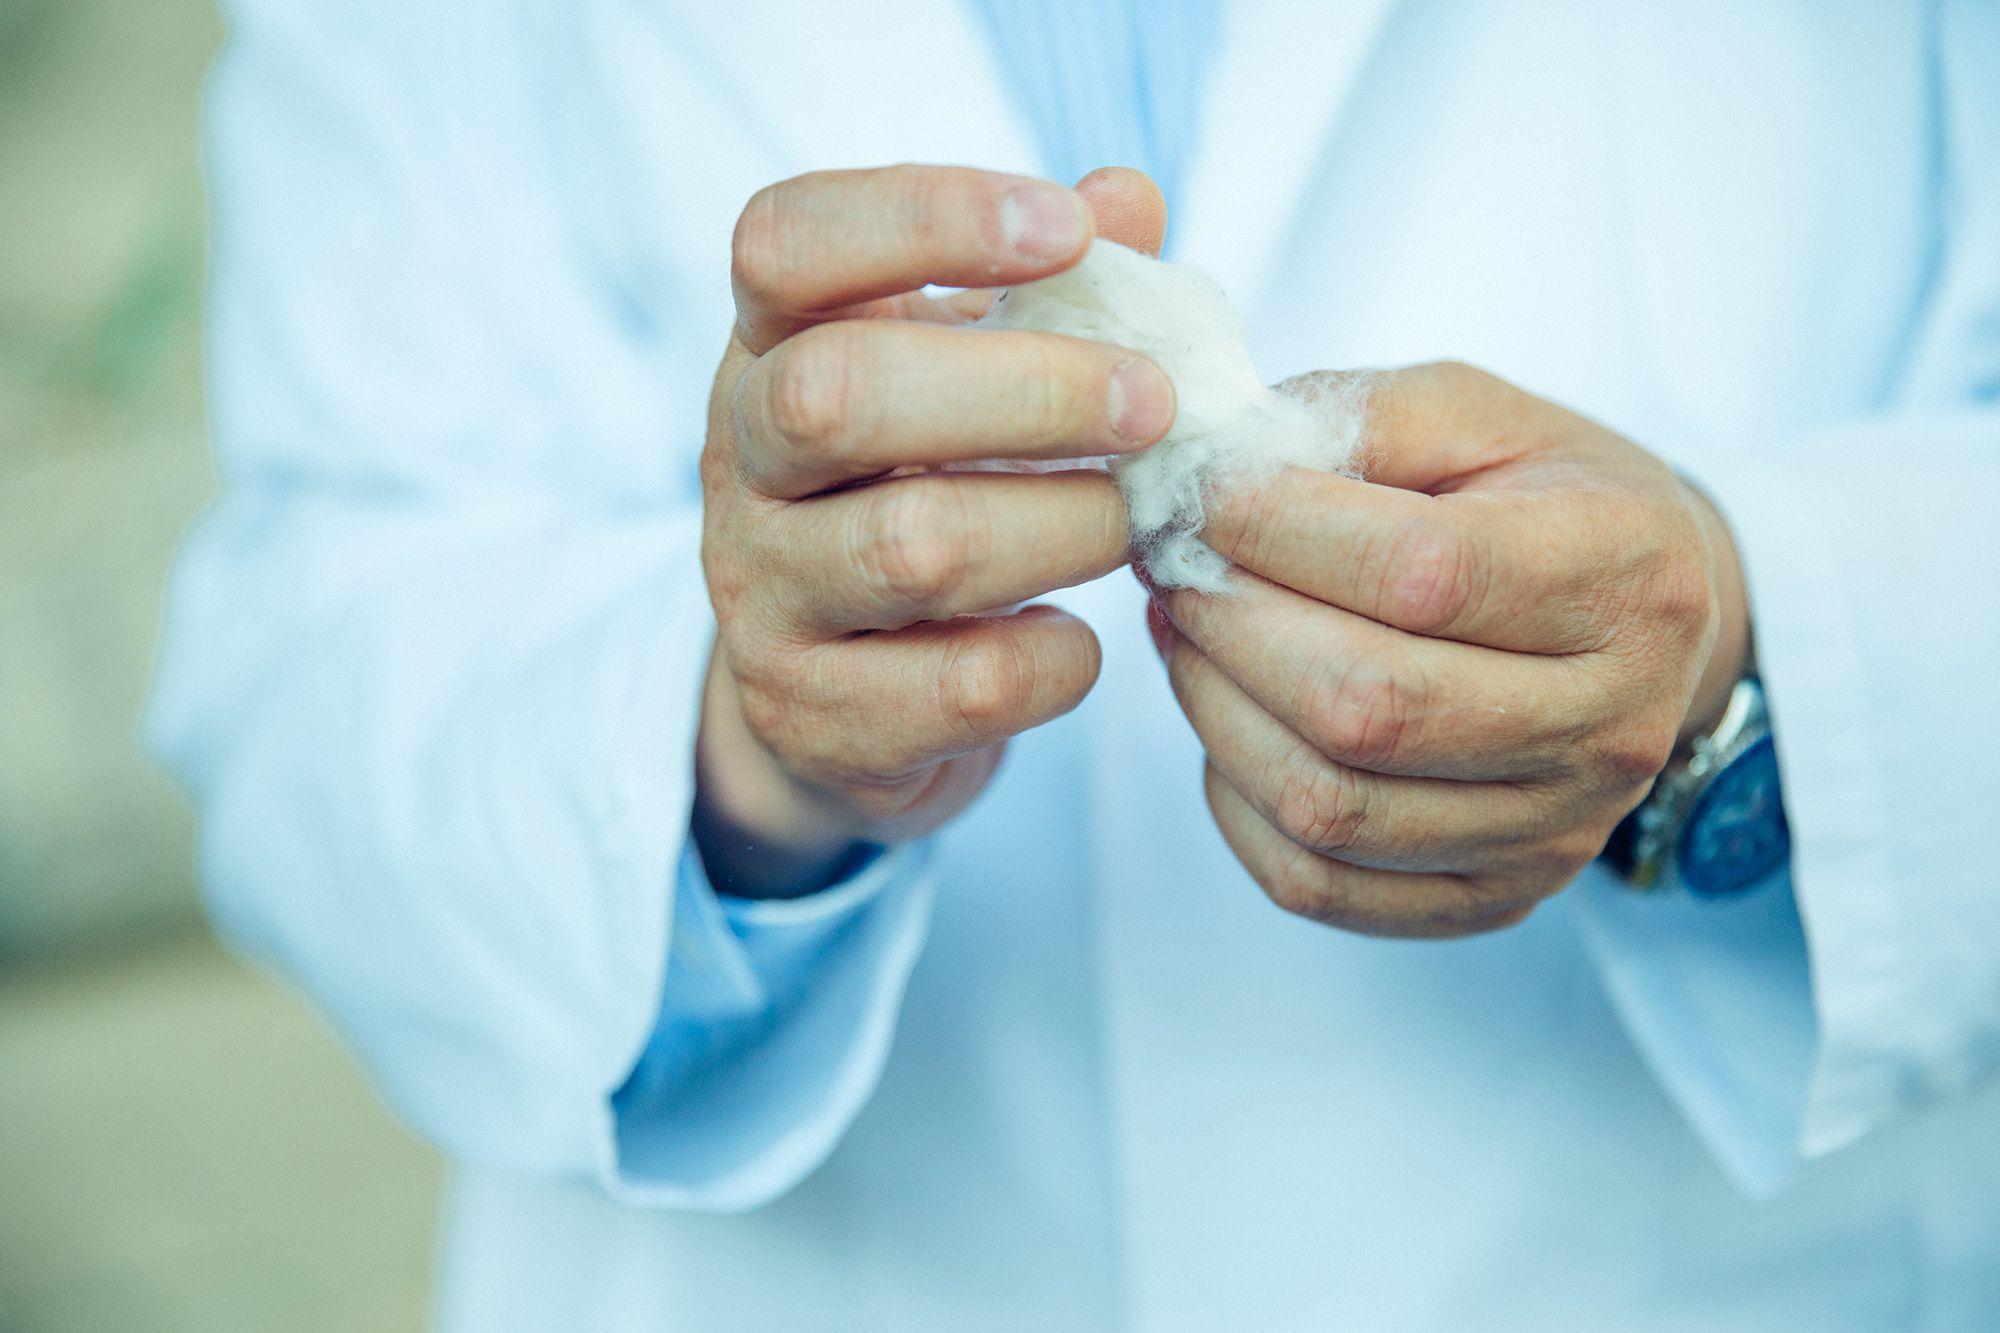 アリゾナから届いたばかりの原綿を確かめる小迫。繊維系が太く、カールしているのが特徴だという。